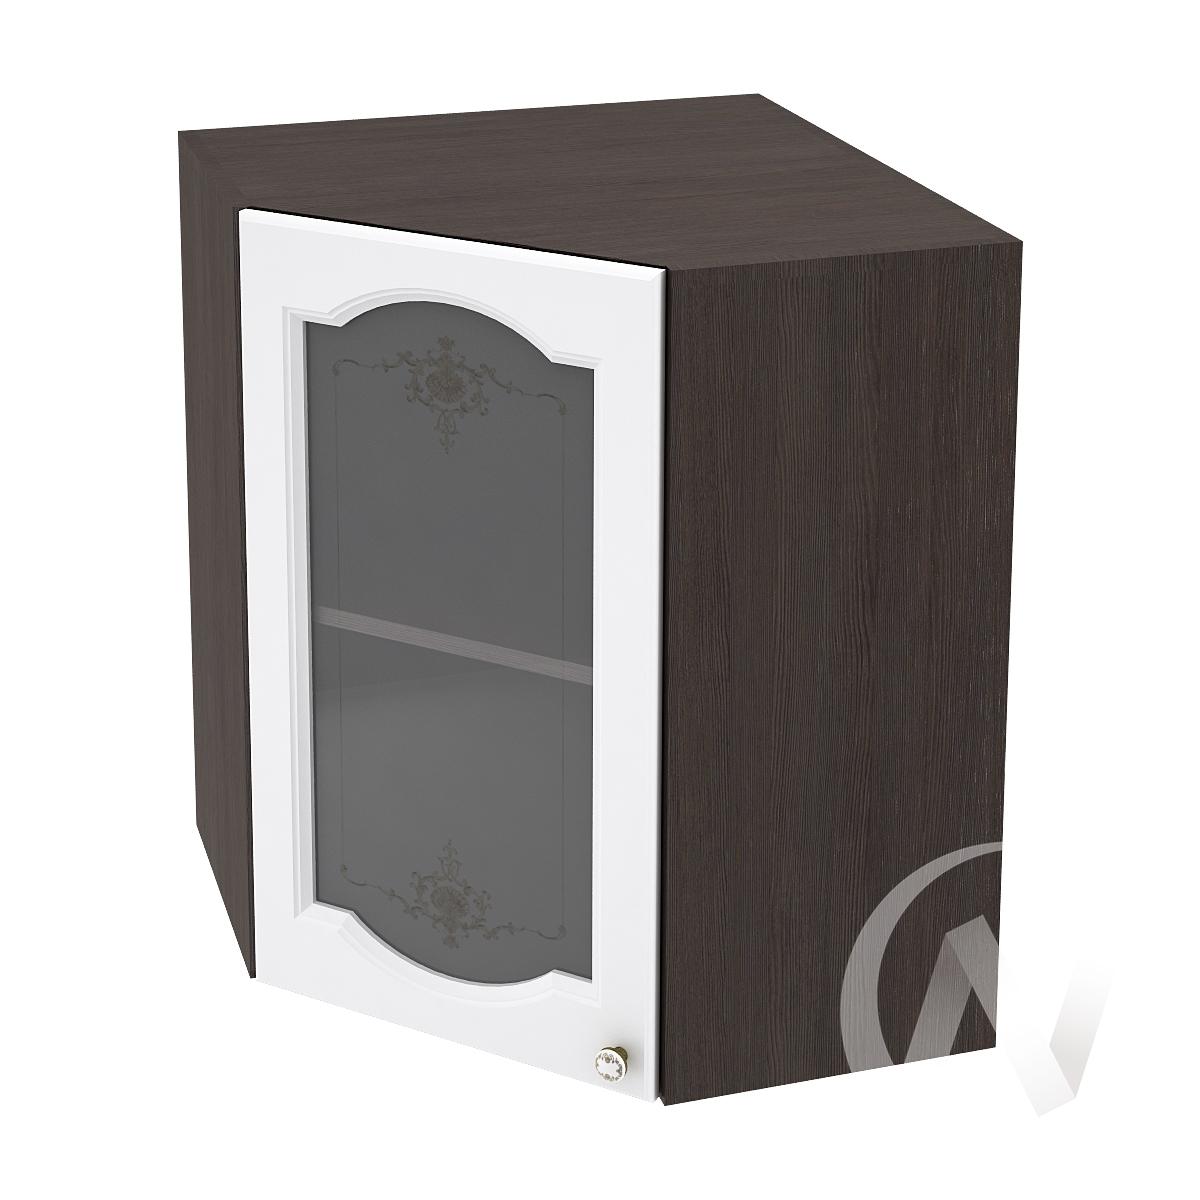 """Кухня """"Шарлиз"""": Шкаф верхний угловой со стеклом 590, ШВУС 590 (корпус венге) в Томске — авторская мебель Экостиль"""